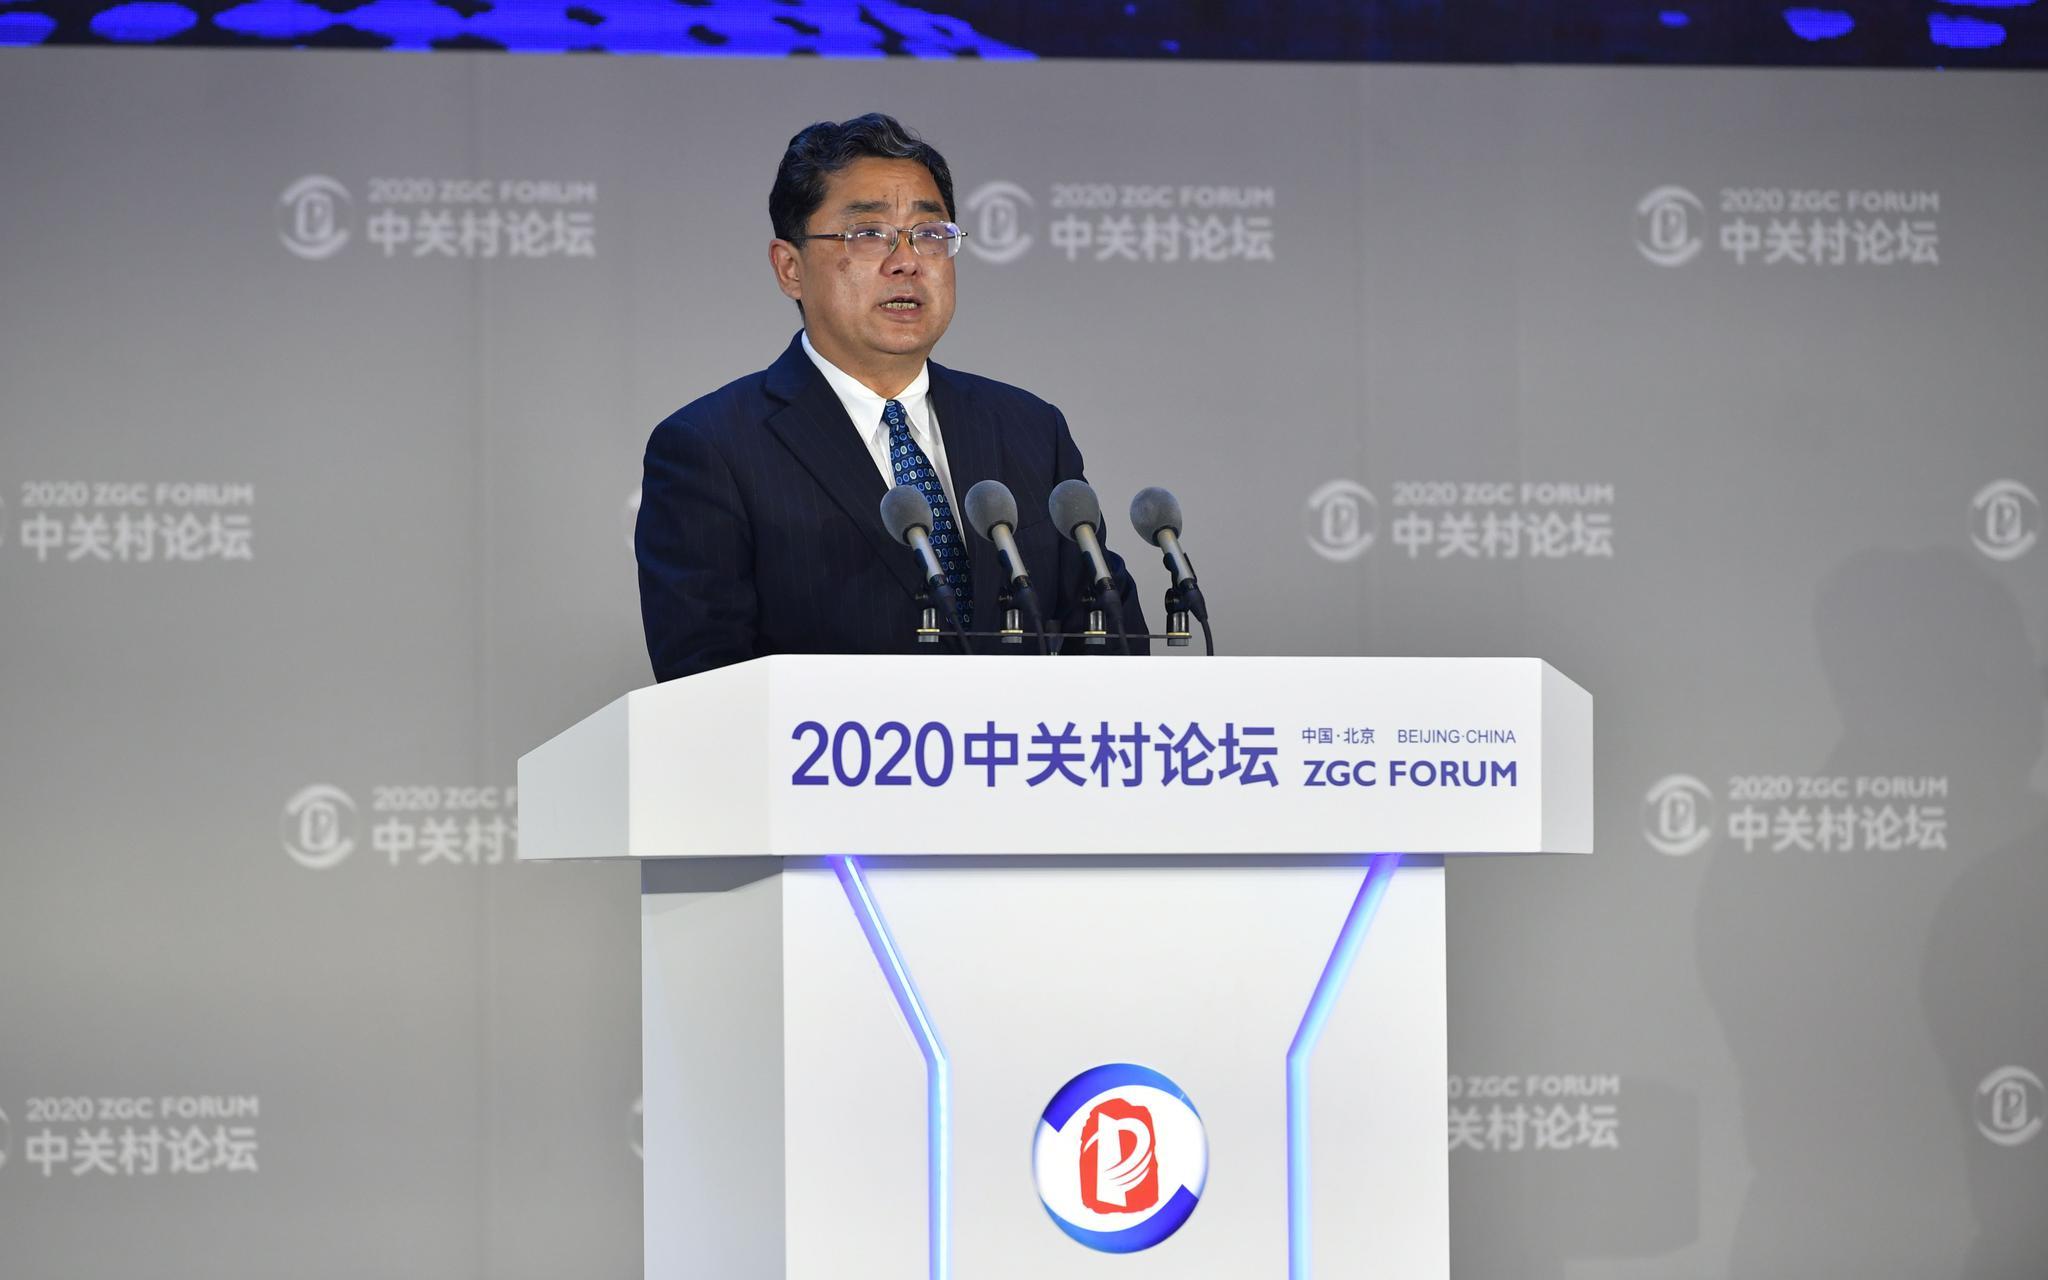 中国已与161个国家和地区建立科技合作关系图片